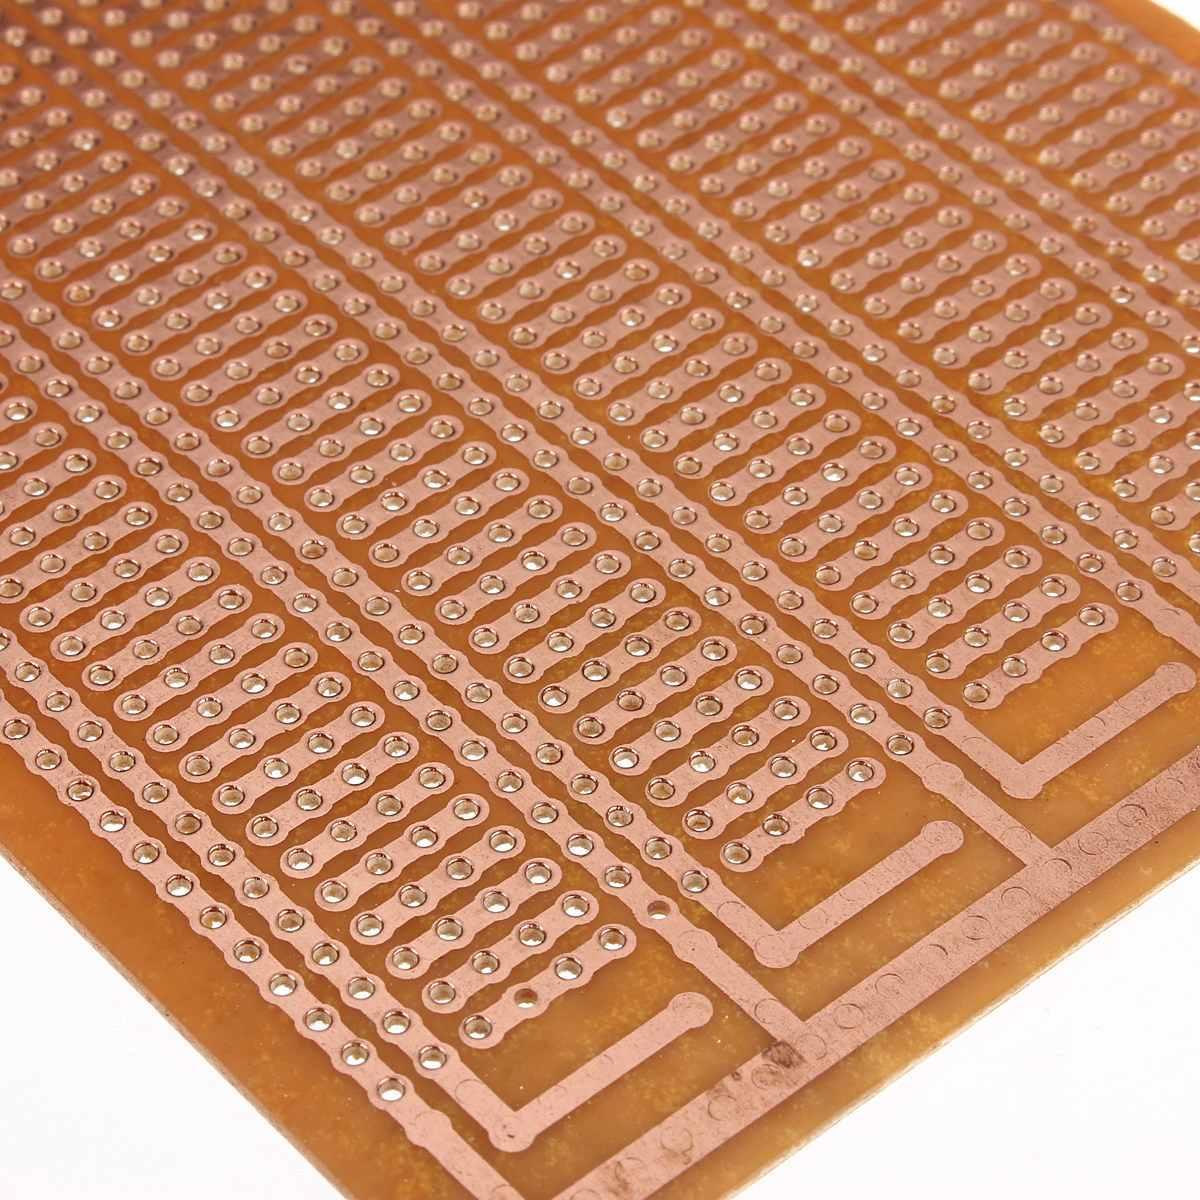 1PCS 8.5x20cm DIY PCB Prototype Universal Experiment Matrix Circuit Board